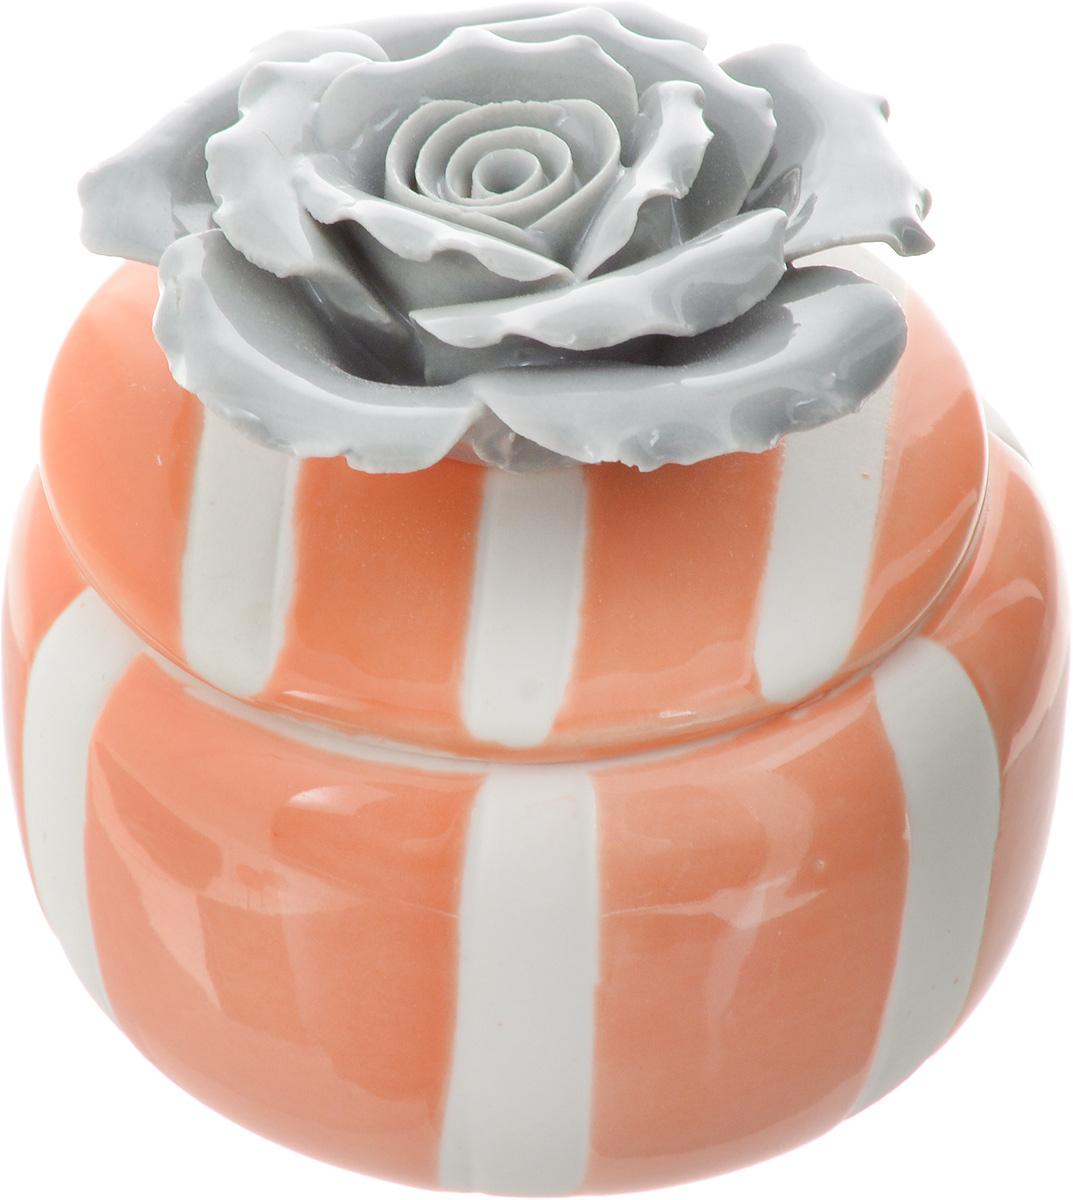 Шкатулка для украшений Феникс-Презент, цвет: оранжевый, серый, белый, 6,5 х 6,5 х 6,5 смFS-80299Шкатулка Феникс-Презент предназначена для украшений. Изделие изготовлено из фарфора. Крышка шкатулки украшена розой серого цвета. Вы можете поставить шкатулку в любом месте, где она будет удачно смотреться и радовать глаз. Кроме того - это отличный вариант подарка для ваших близких и друзей. Размер шкатулки: 6,5 х 6,5 х 6,5 см.